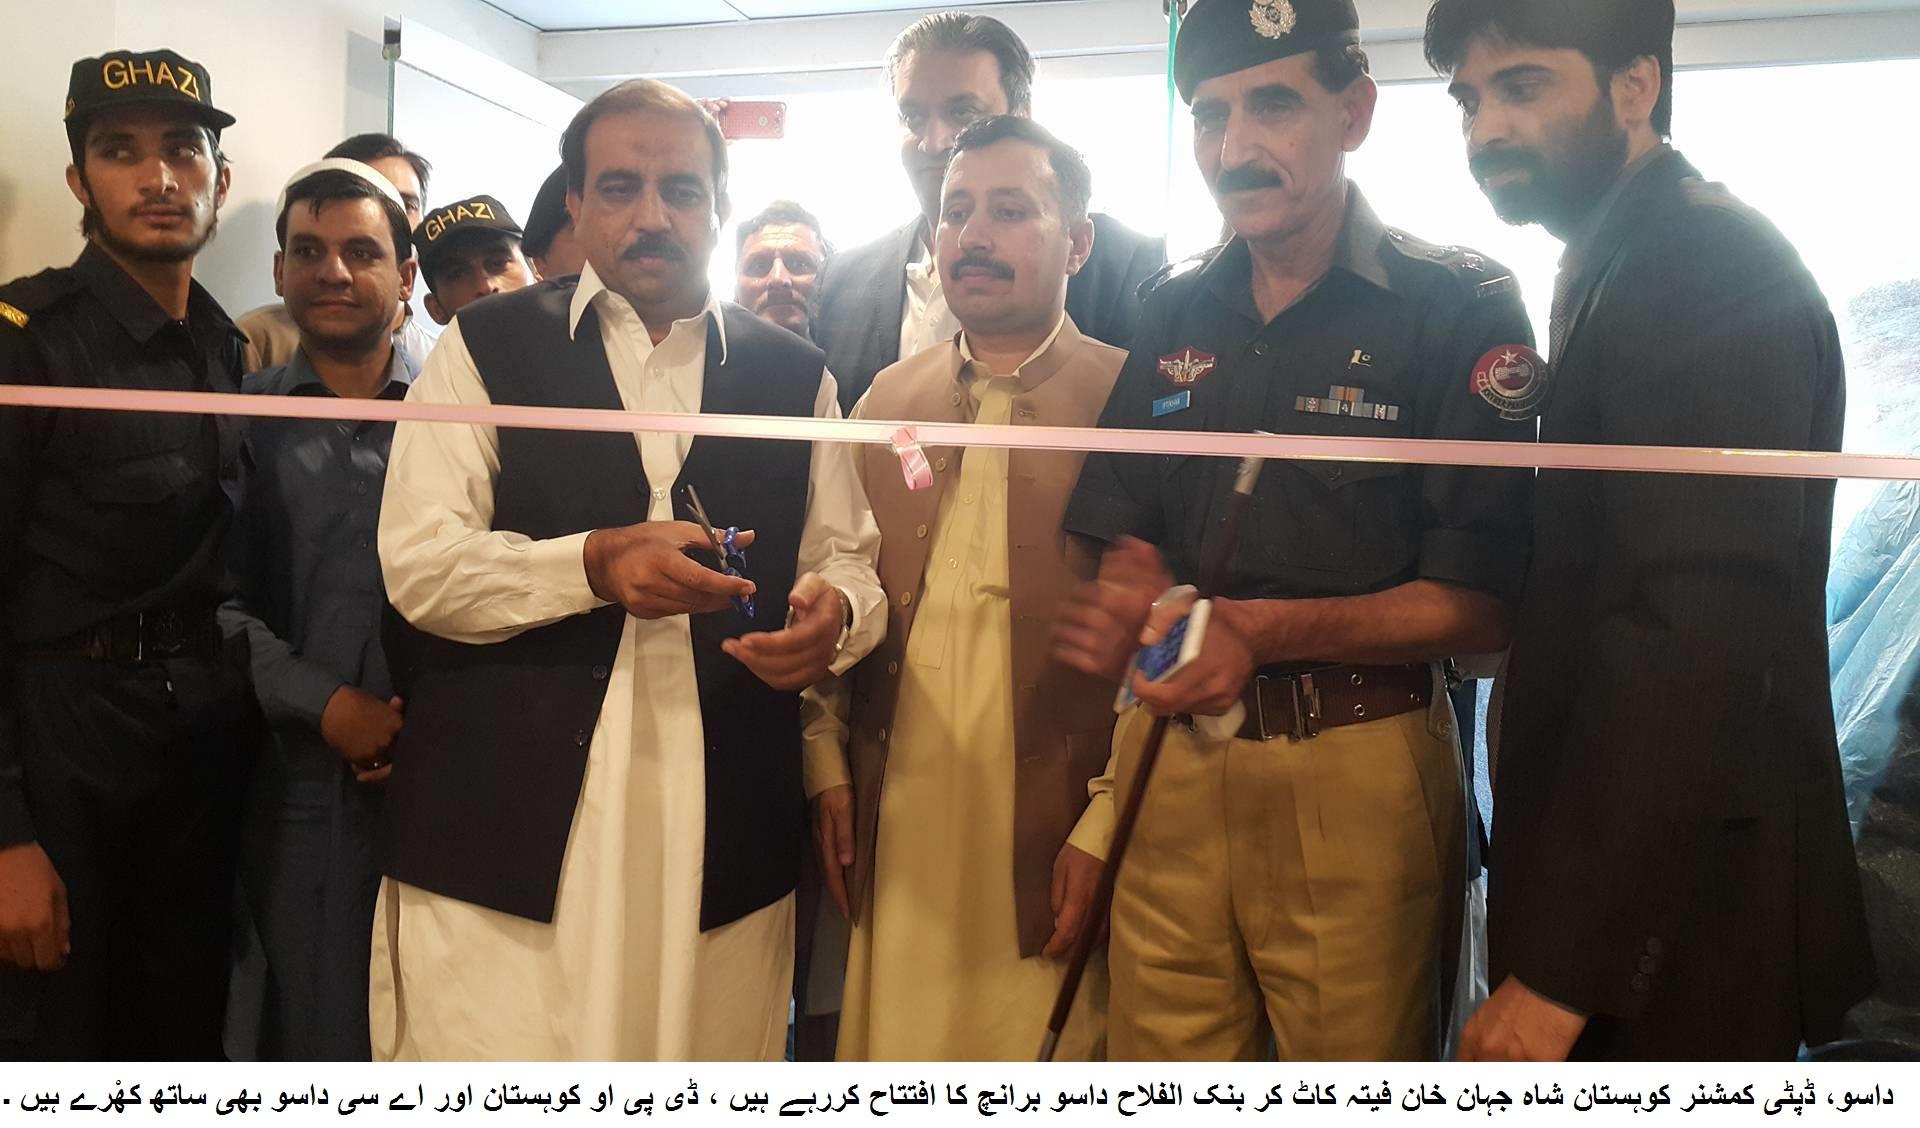 کوہستان: داسو ہائیڈروپاورپروجیکٹ سے معاوضہ جات کی حصولی، داسو میں آٹھویں نجی بنک کا افتتاح